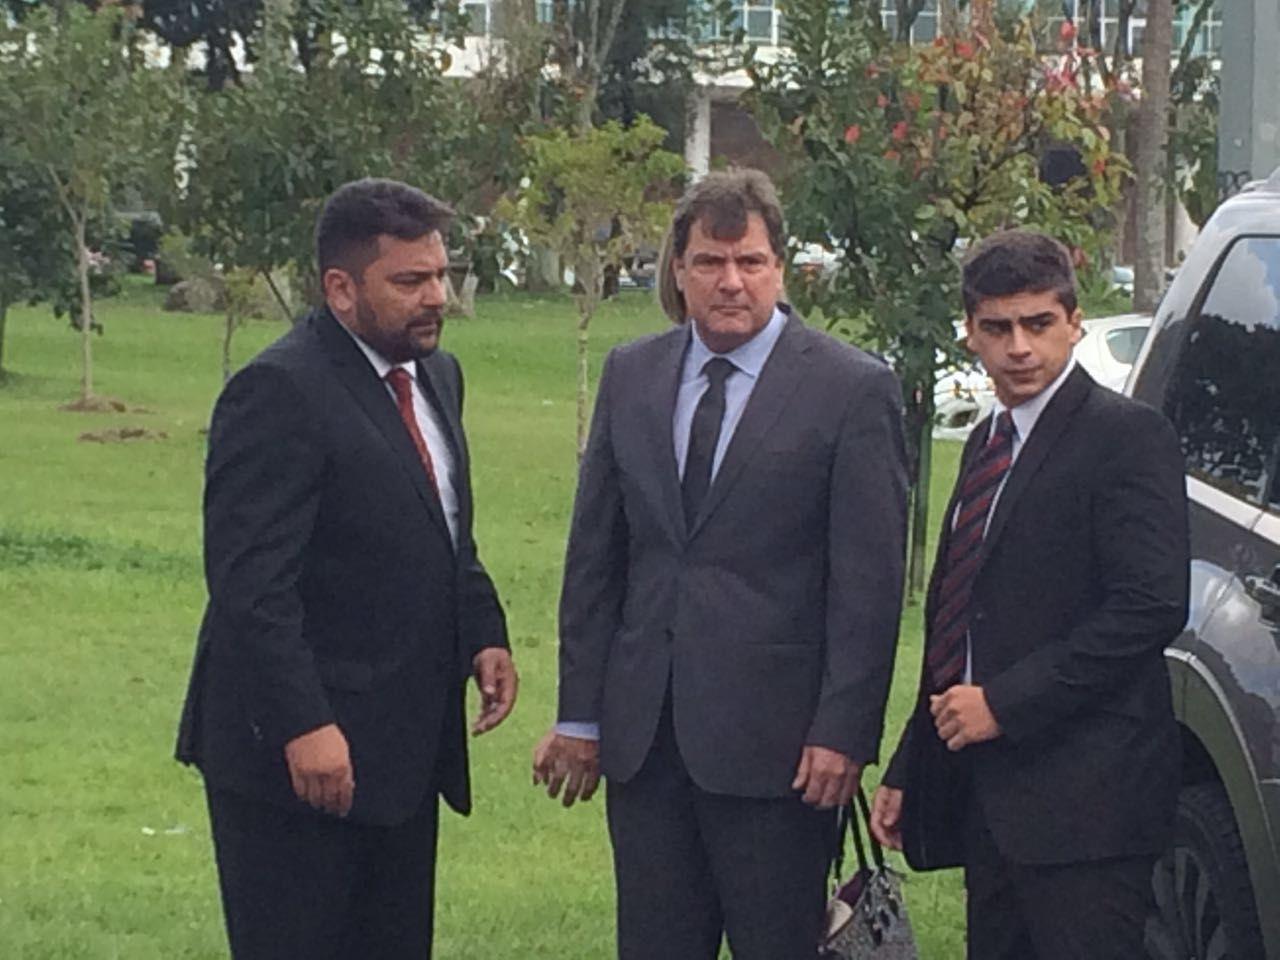 Tribunal de Justiça confirma liminar e advogado de Alessandro Meneghel não será punido por abandonar júri